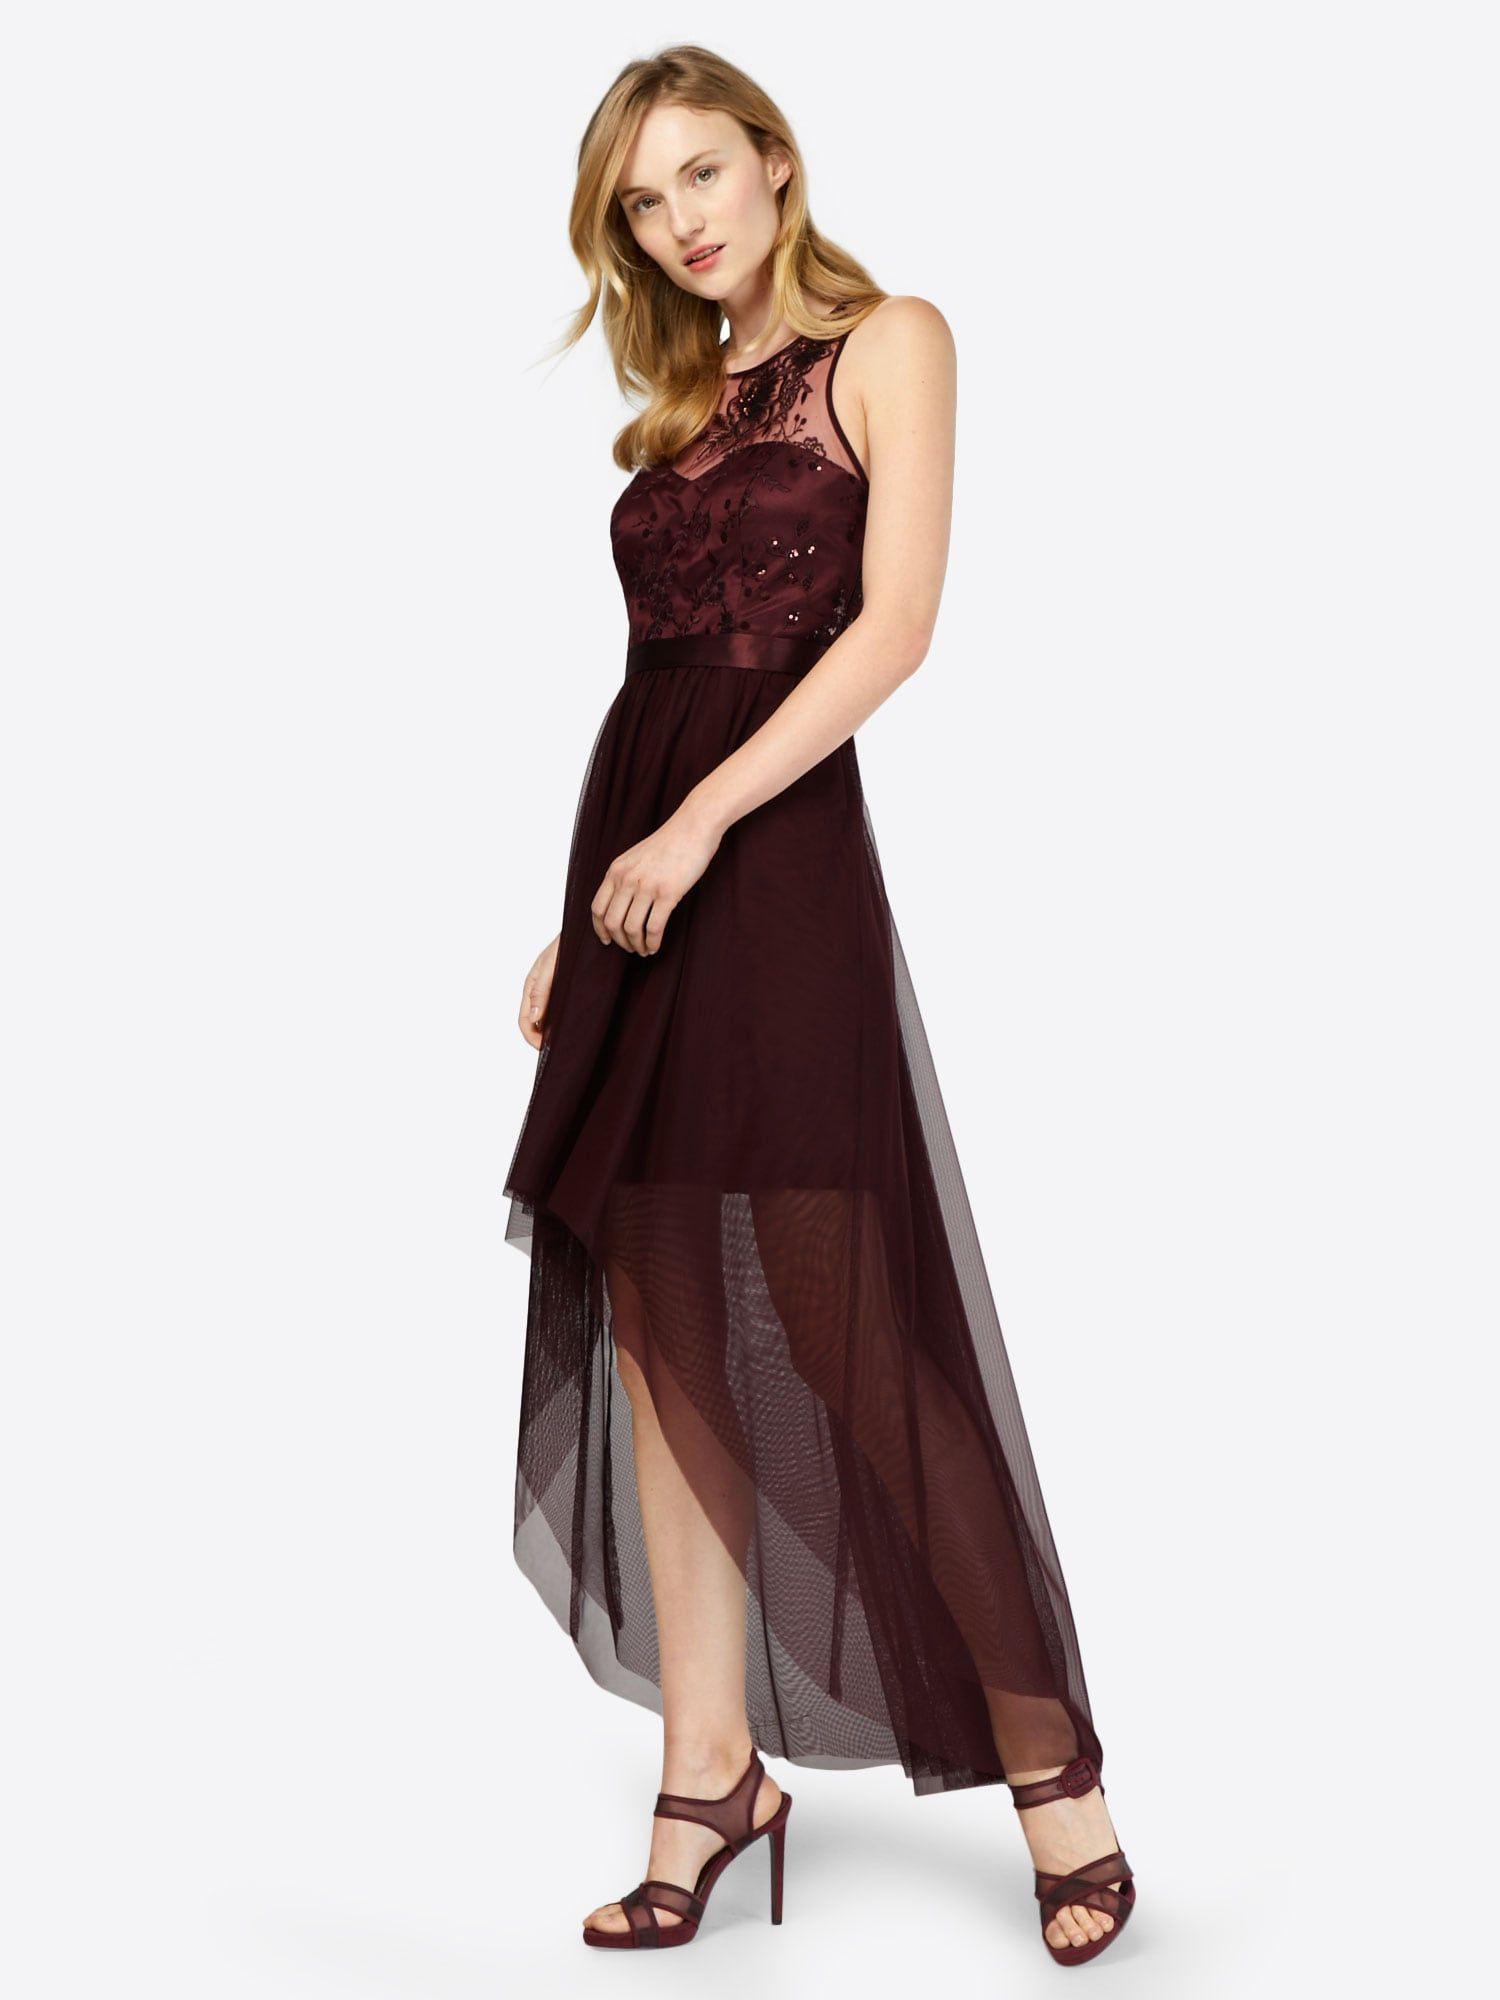 Luxus Schickes Kleid Damen Bester Preis20 Schön Schickes Kleid Damen Vertrieb